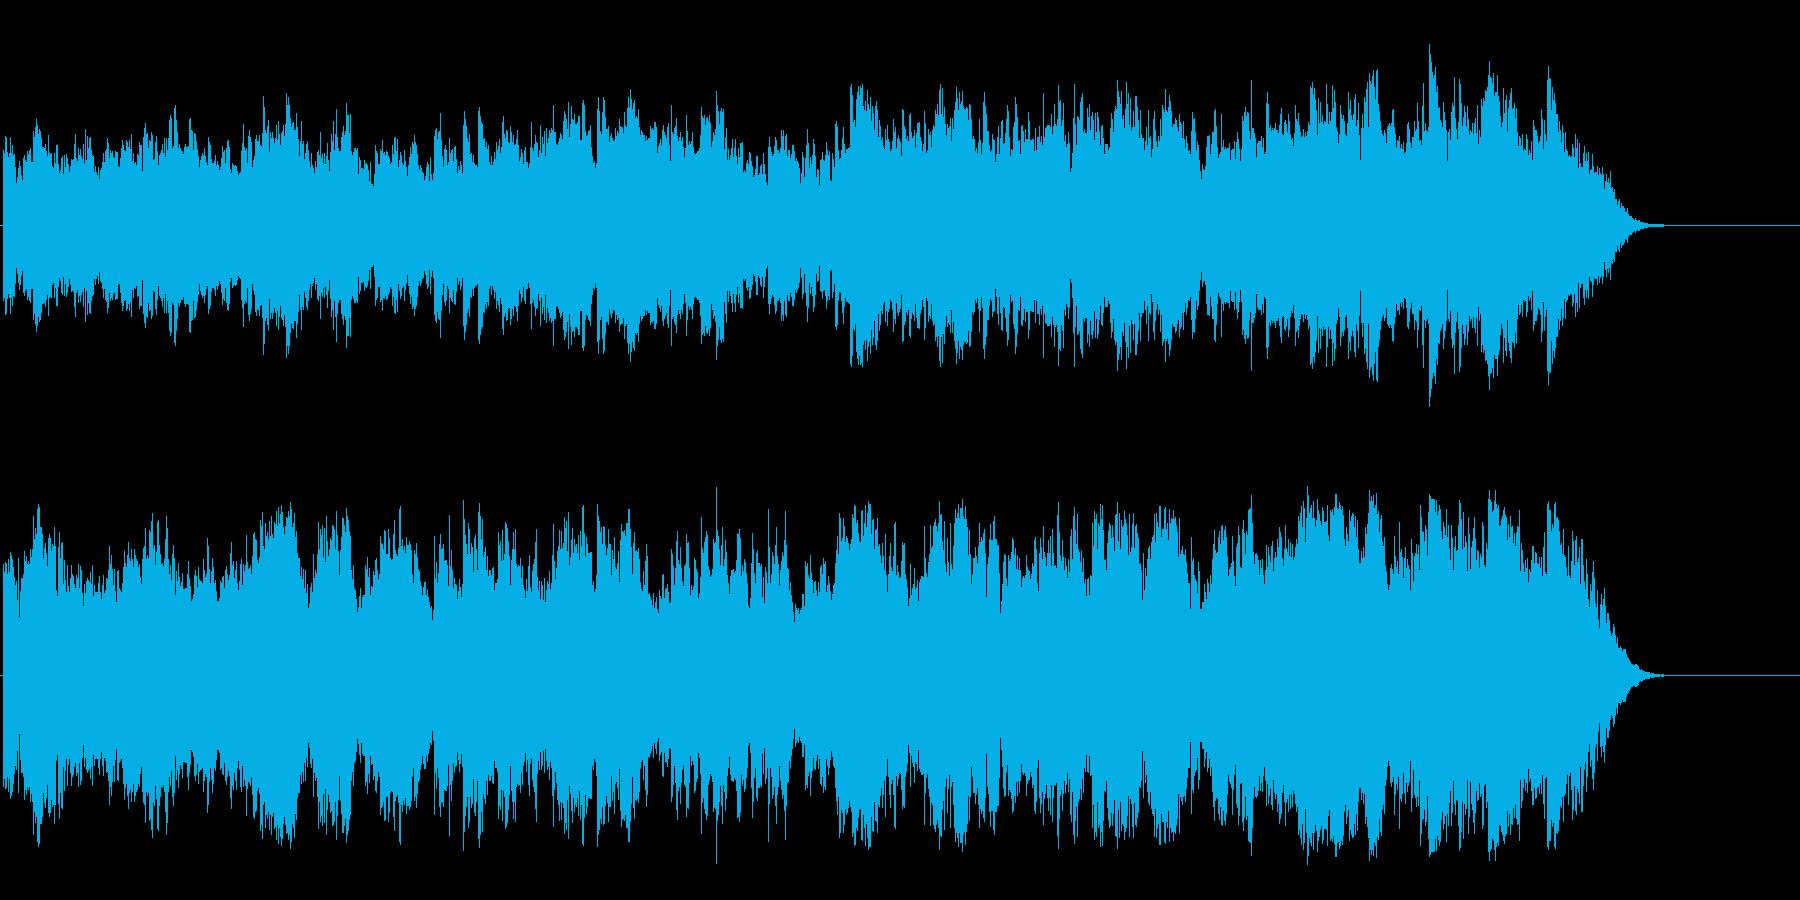 幻想的で生命力が沸いてくる壮大な環境音楽の再生済みの波形